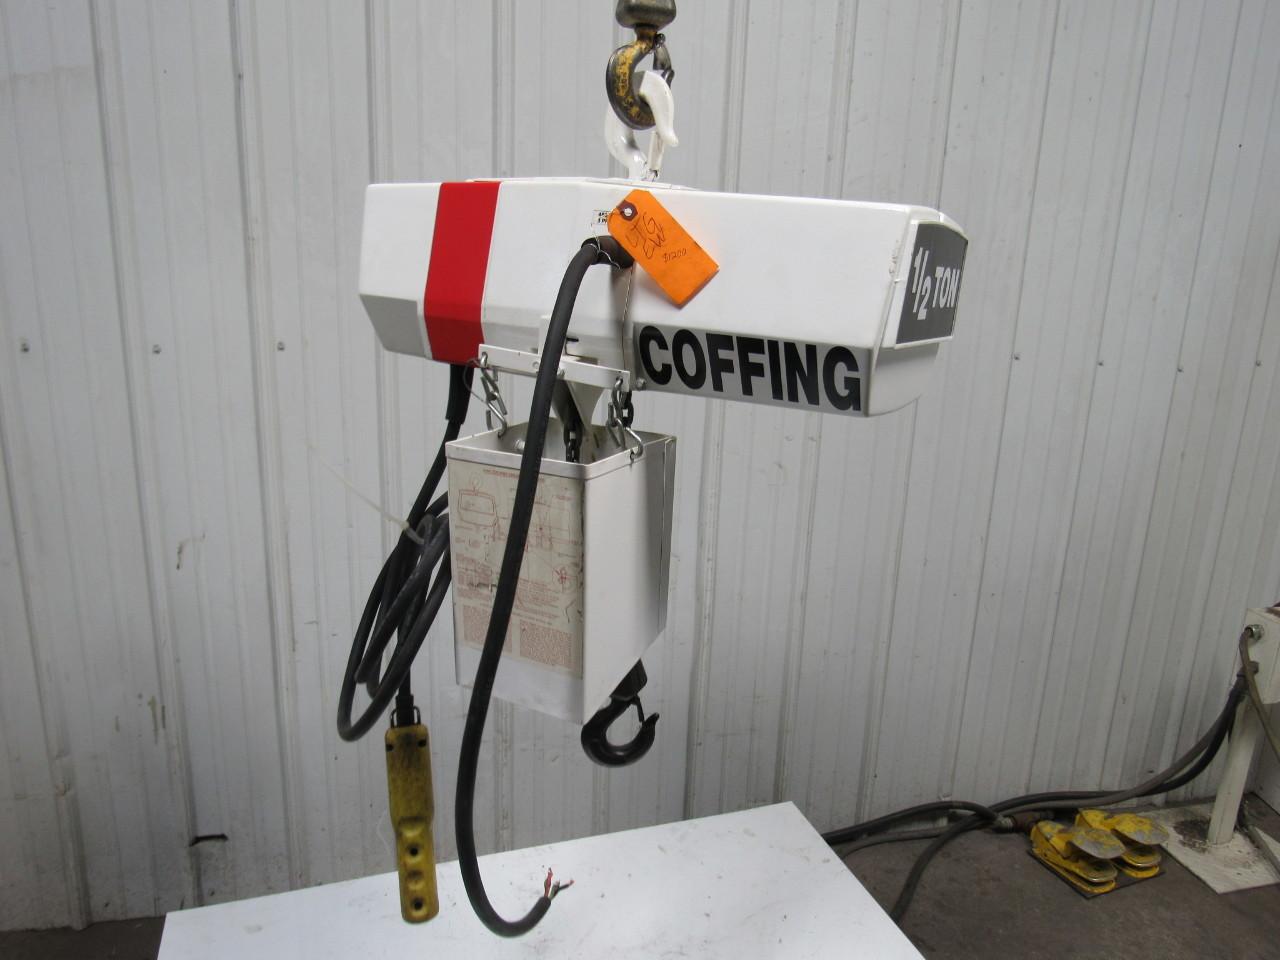 coffing ec1032.4 1/2 ton electric chain hoist 11'lift@ 10 ... 2001 subaru legacy 2 5l engine parts diagram